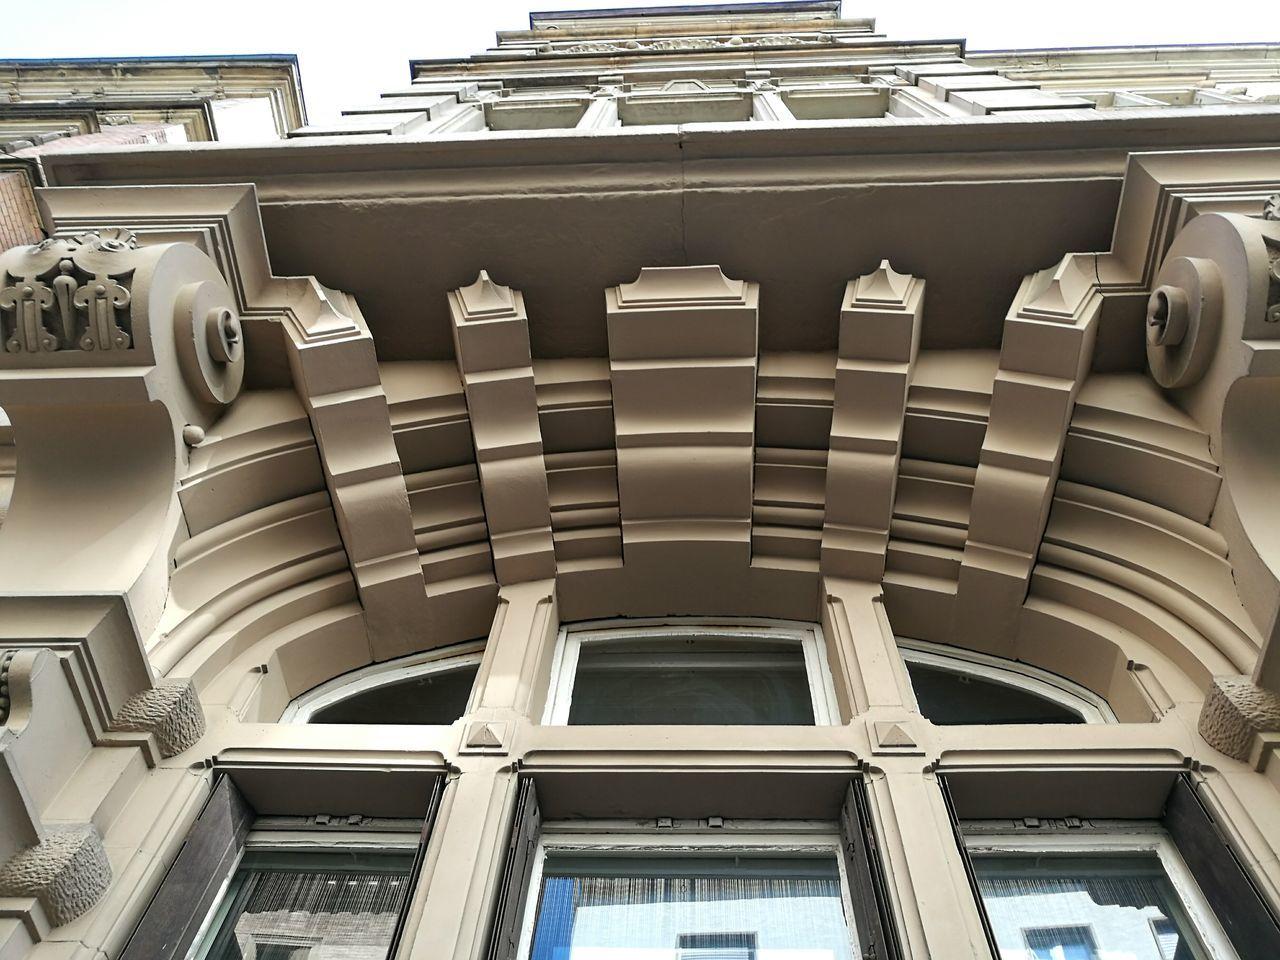 Detail of an Art nouveau House. Architecture Built Structure Stuttgartmobilephotographers Historic History Old Historical Building Art Nouveau Buildings Old Buildings Old